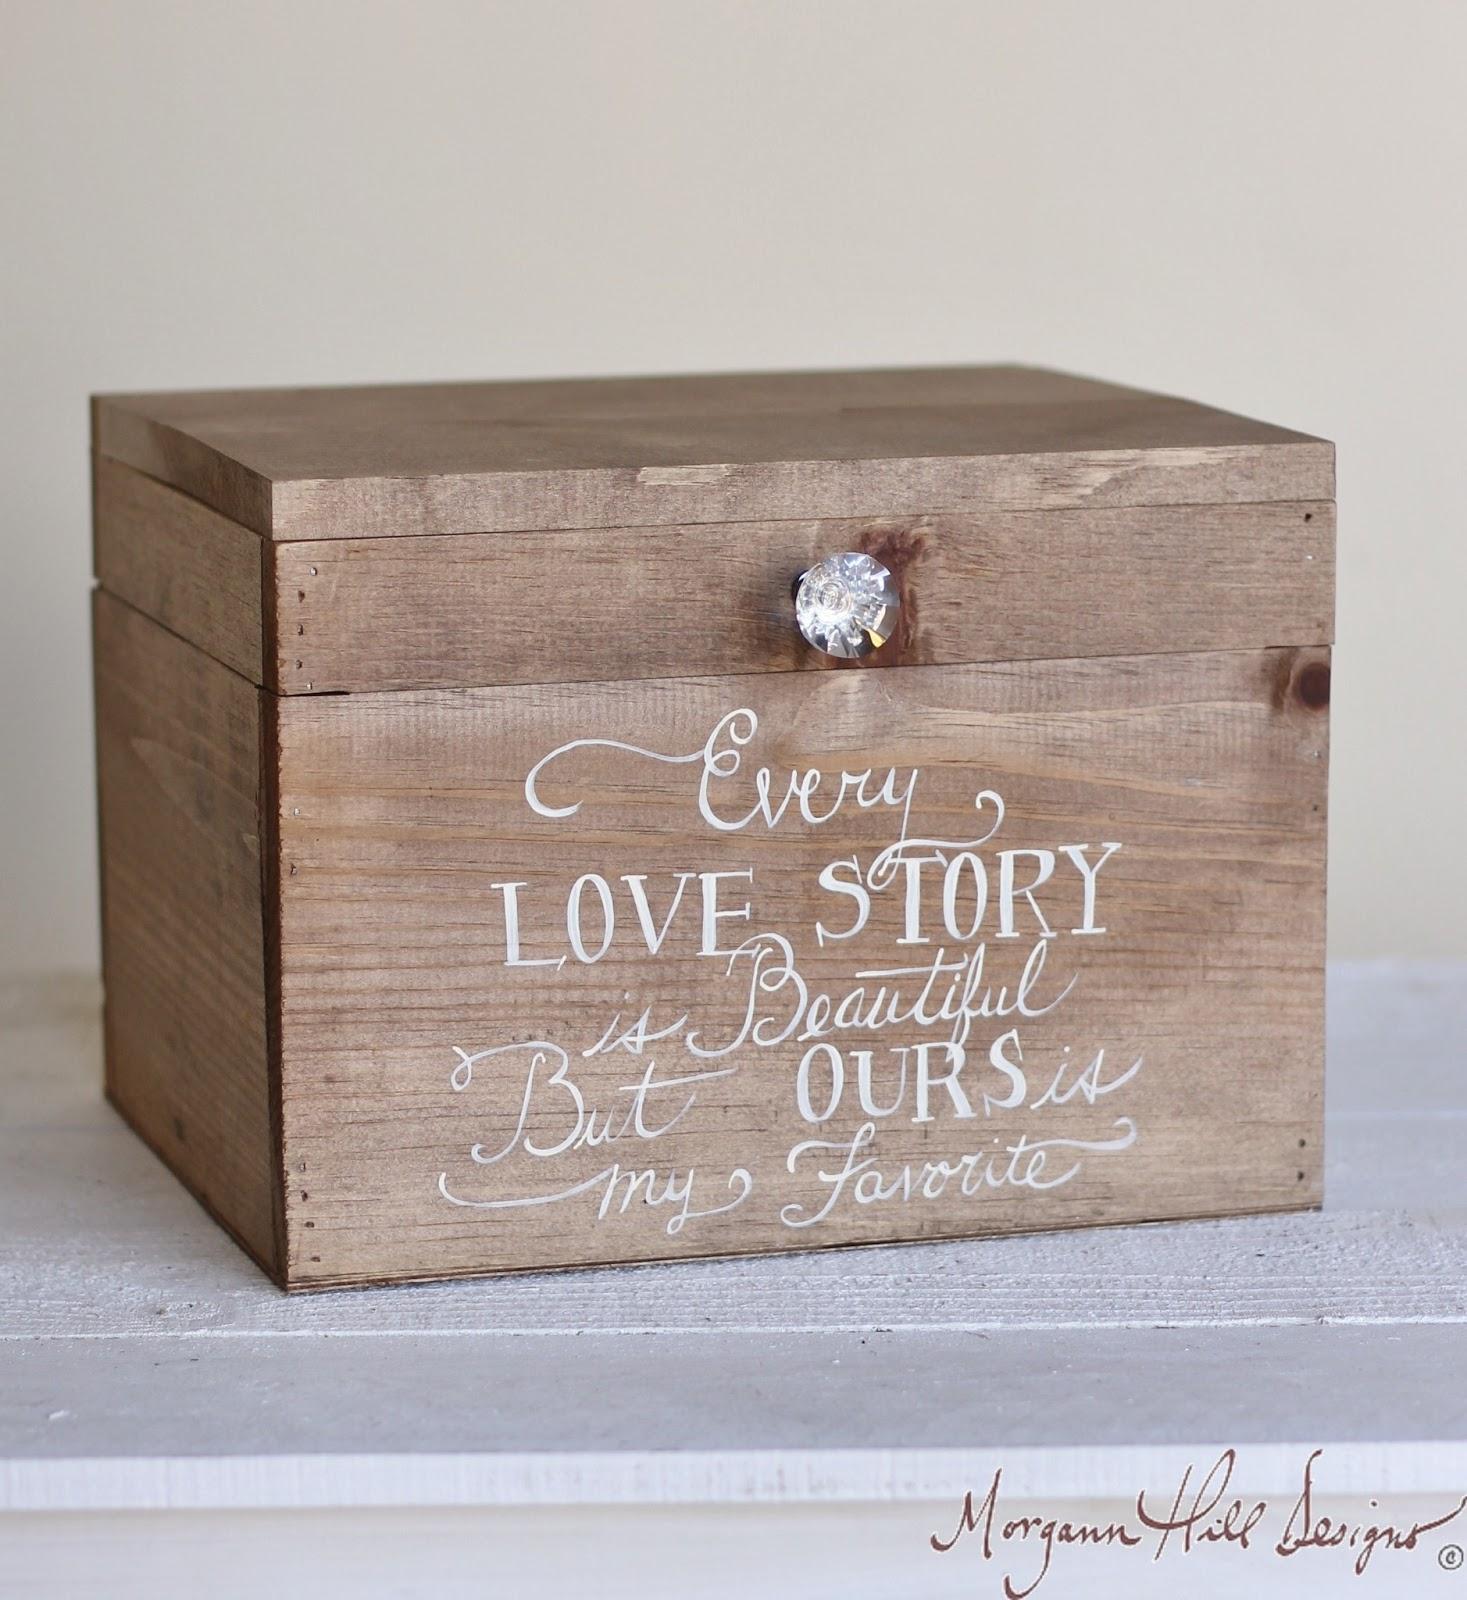 Morgann Hill Designs: Wedding Card Box Rustic County Barn